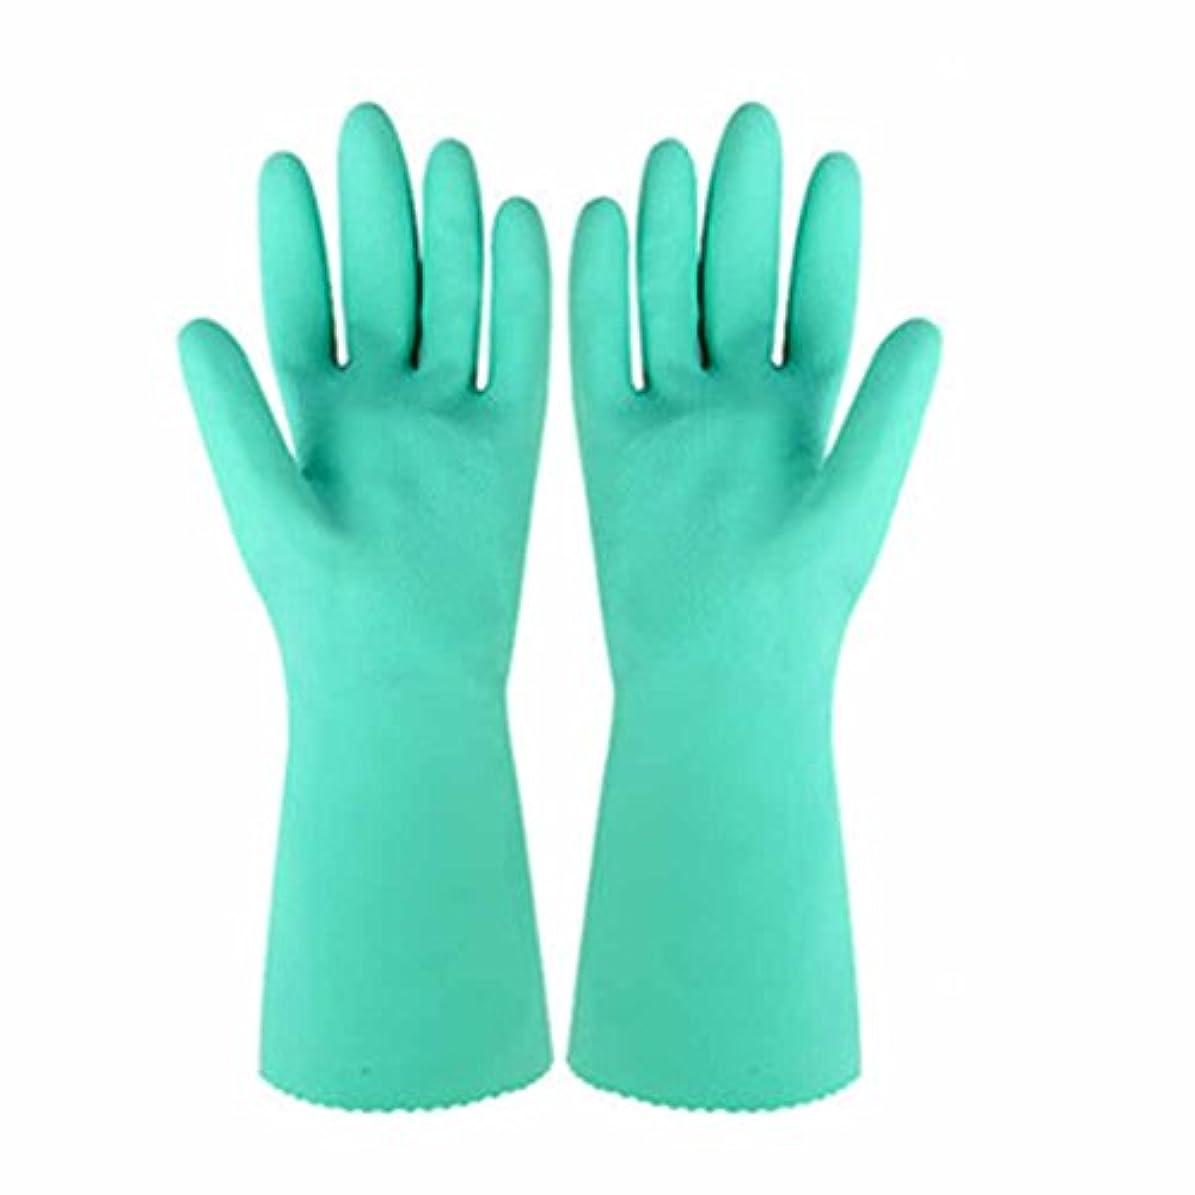 上下する埋め込む運営使い捨て手袋 天然ゴム滑り止め耐久手袋キッチン多機能防水アンチオイル手袋 (Size : Four)